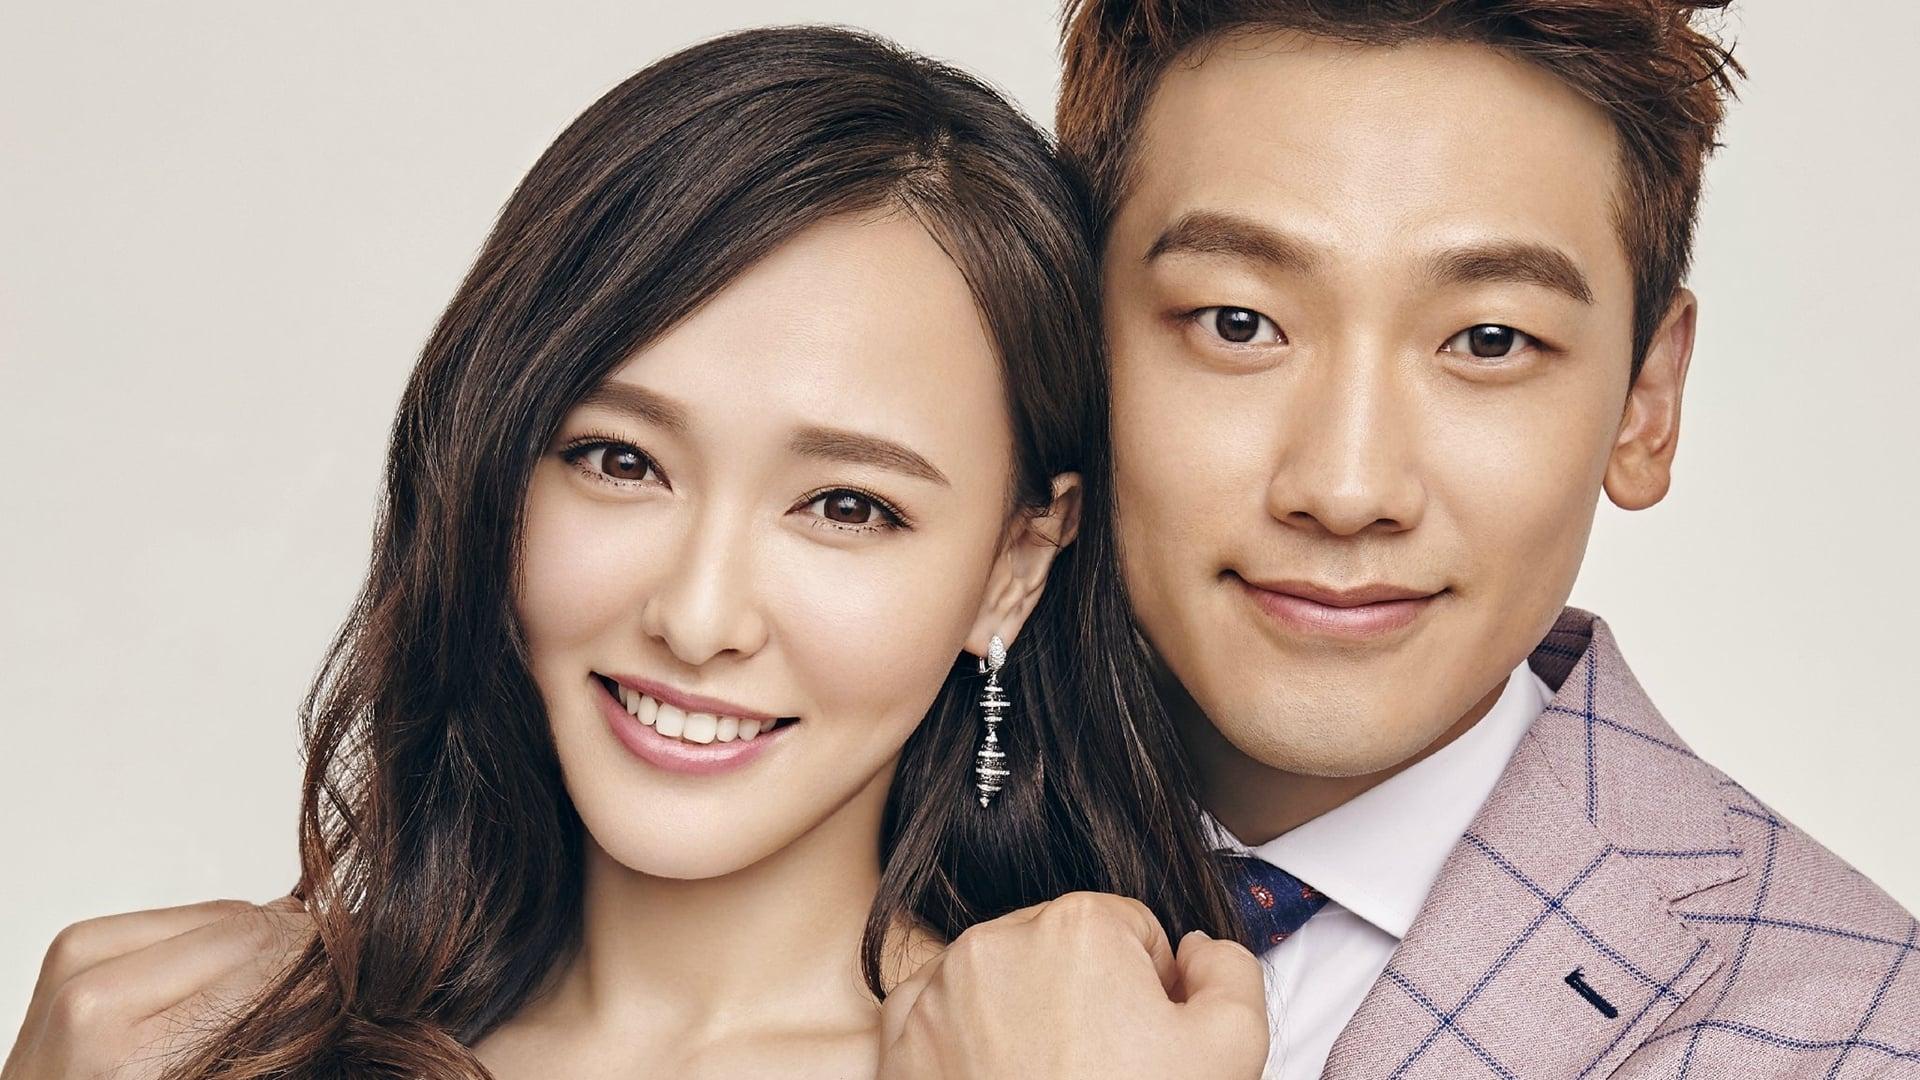 äktenskap ej daterad 15. Bölüm Asya fanatikleriwooyoung och IU verkligen dating